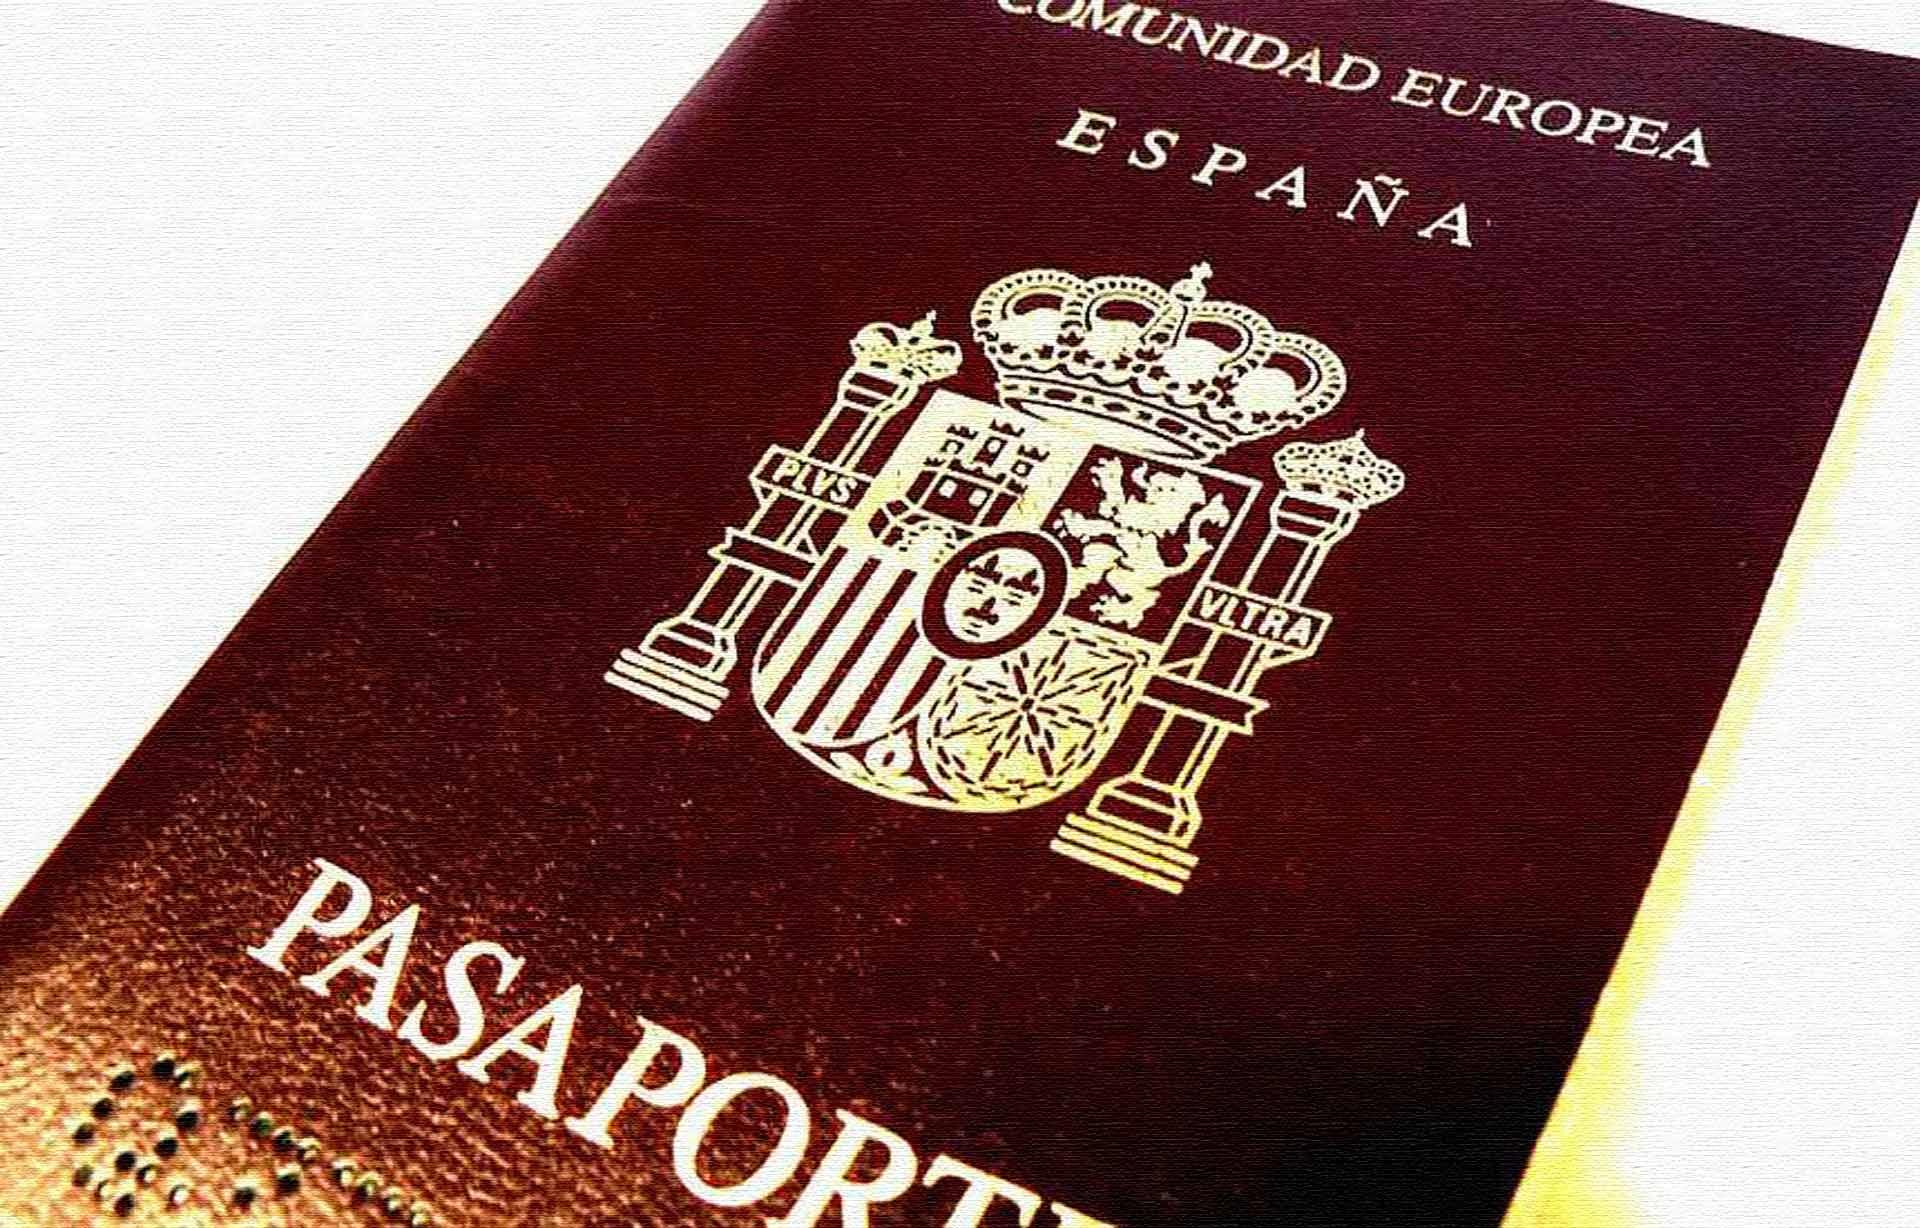 Недвижимость вид на жительство в испании